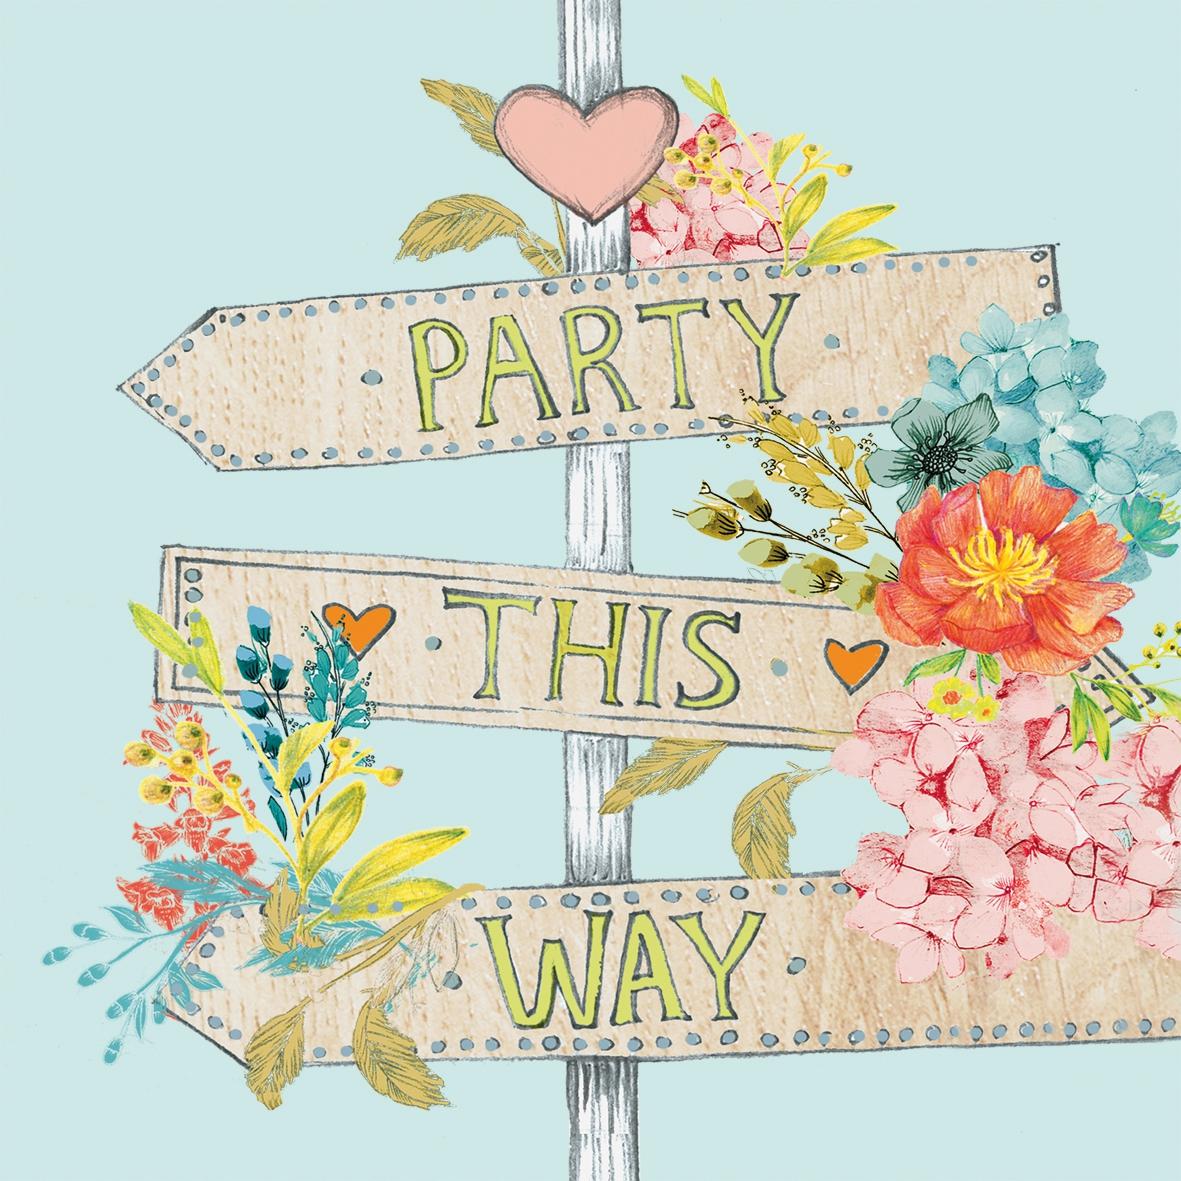 Lunch Servietten Party This Way,  Sonstiges - Schriften,  Blumen - Mohn,  Ereignisse -  Sonstige,  Everyday,  lunchservietten,  Liebe,  Herz,  Blumen,  Schriften